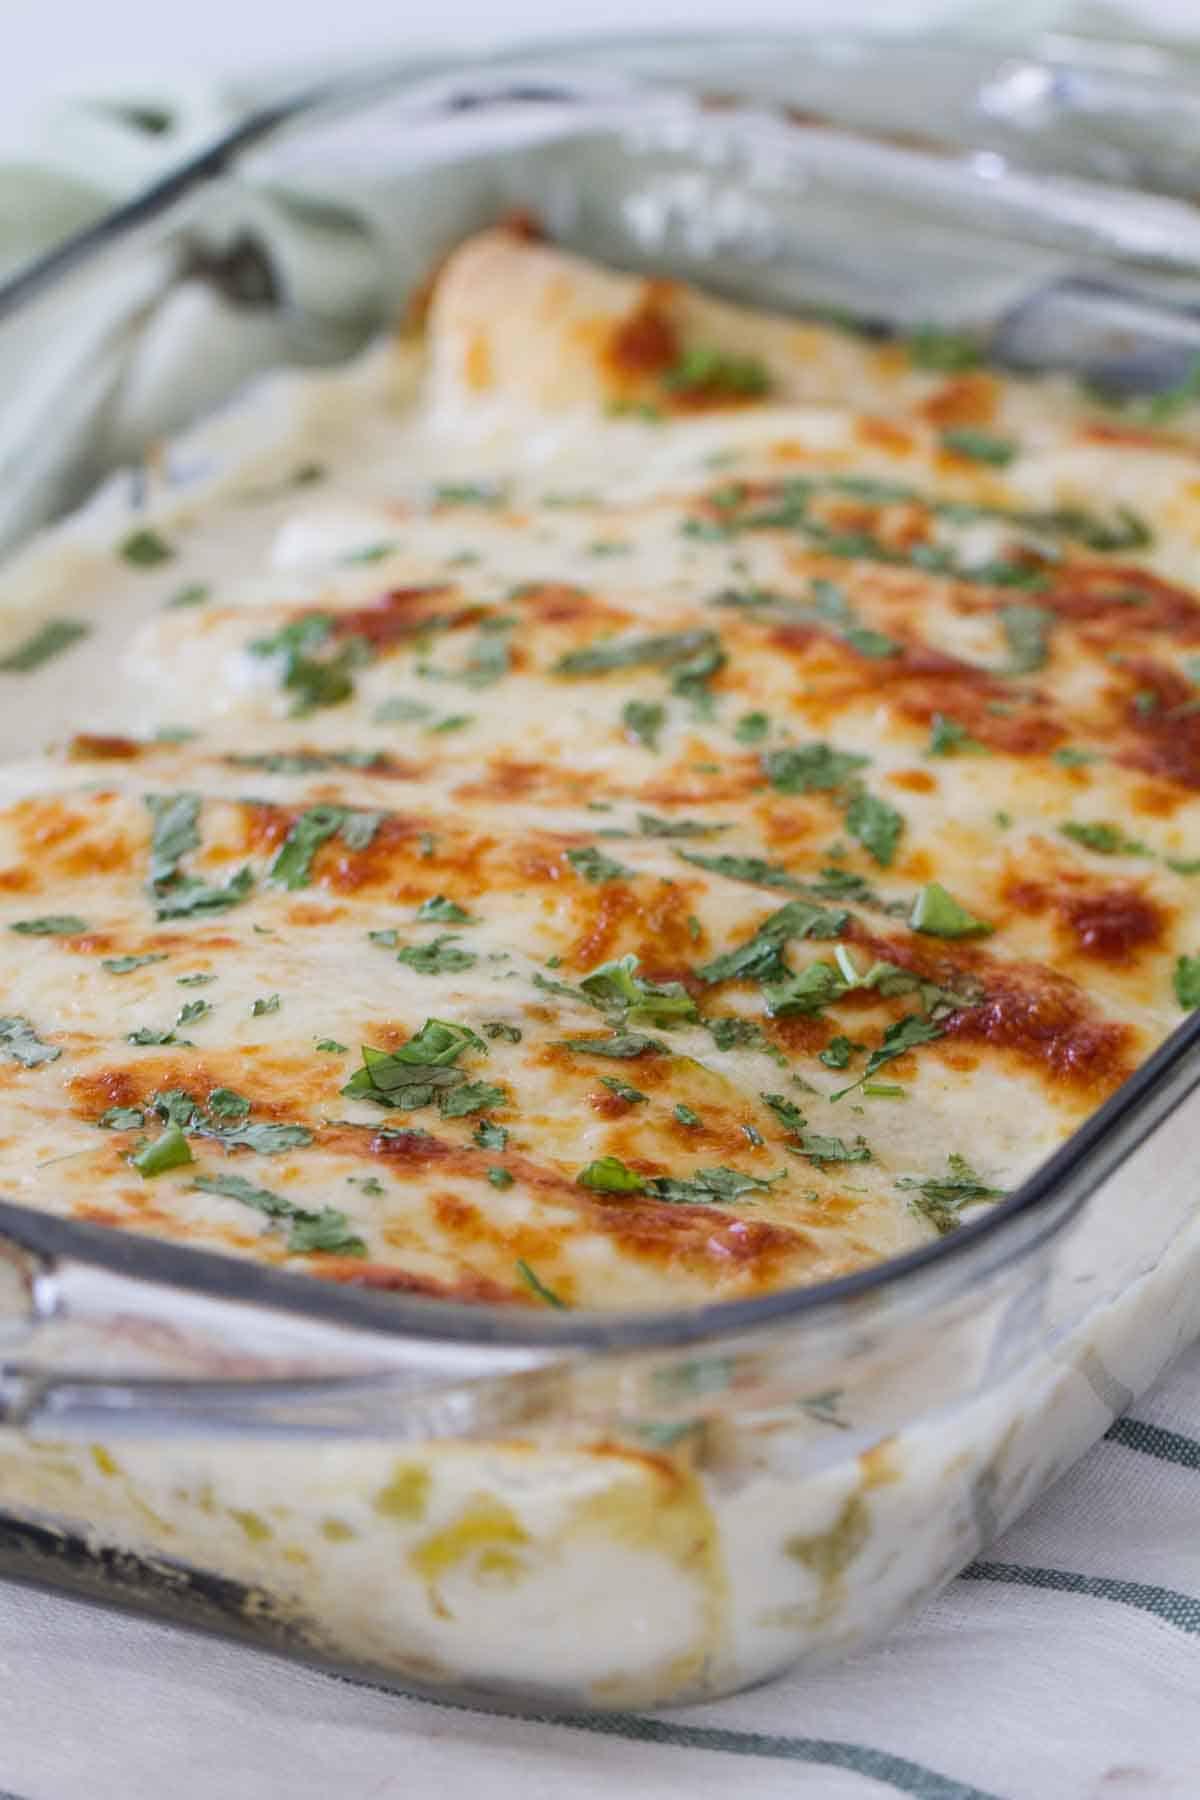 casserole dish with white chicken enchiladas